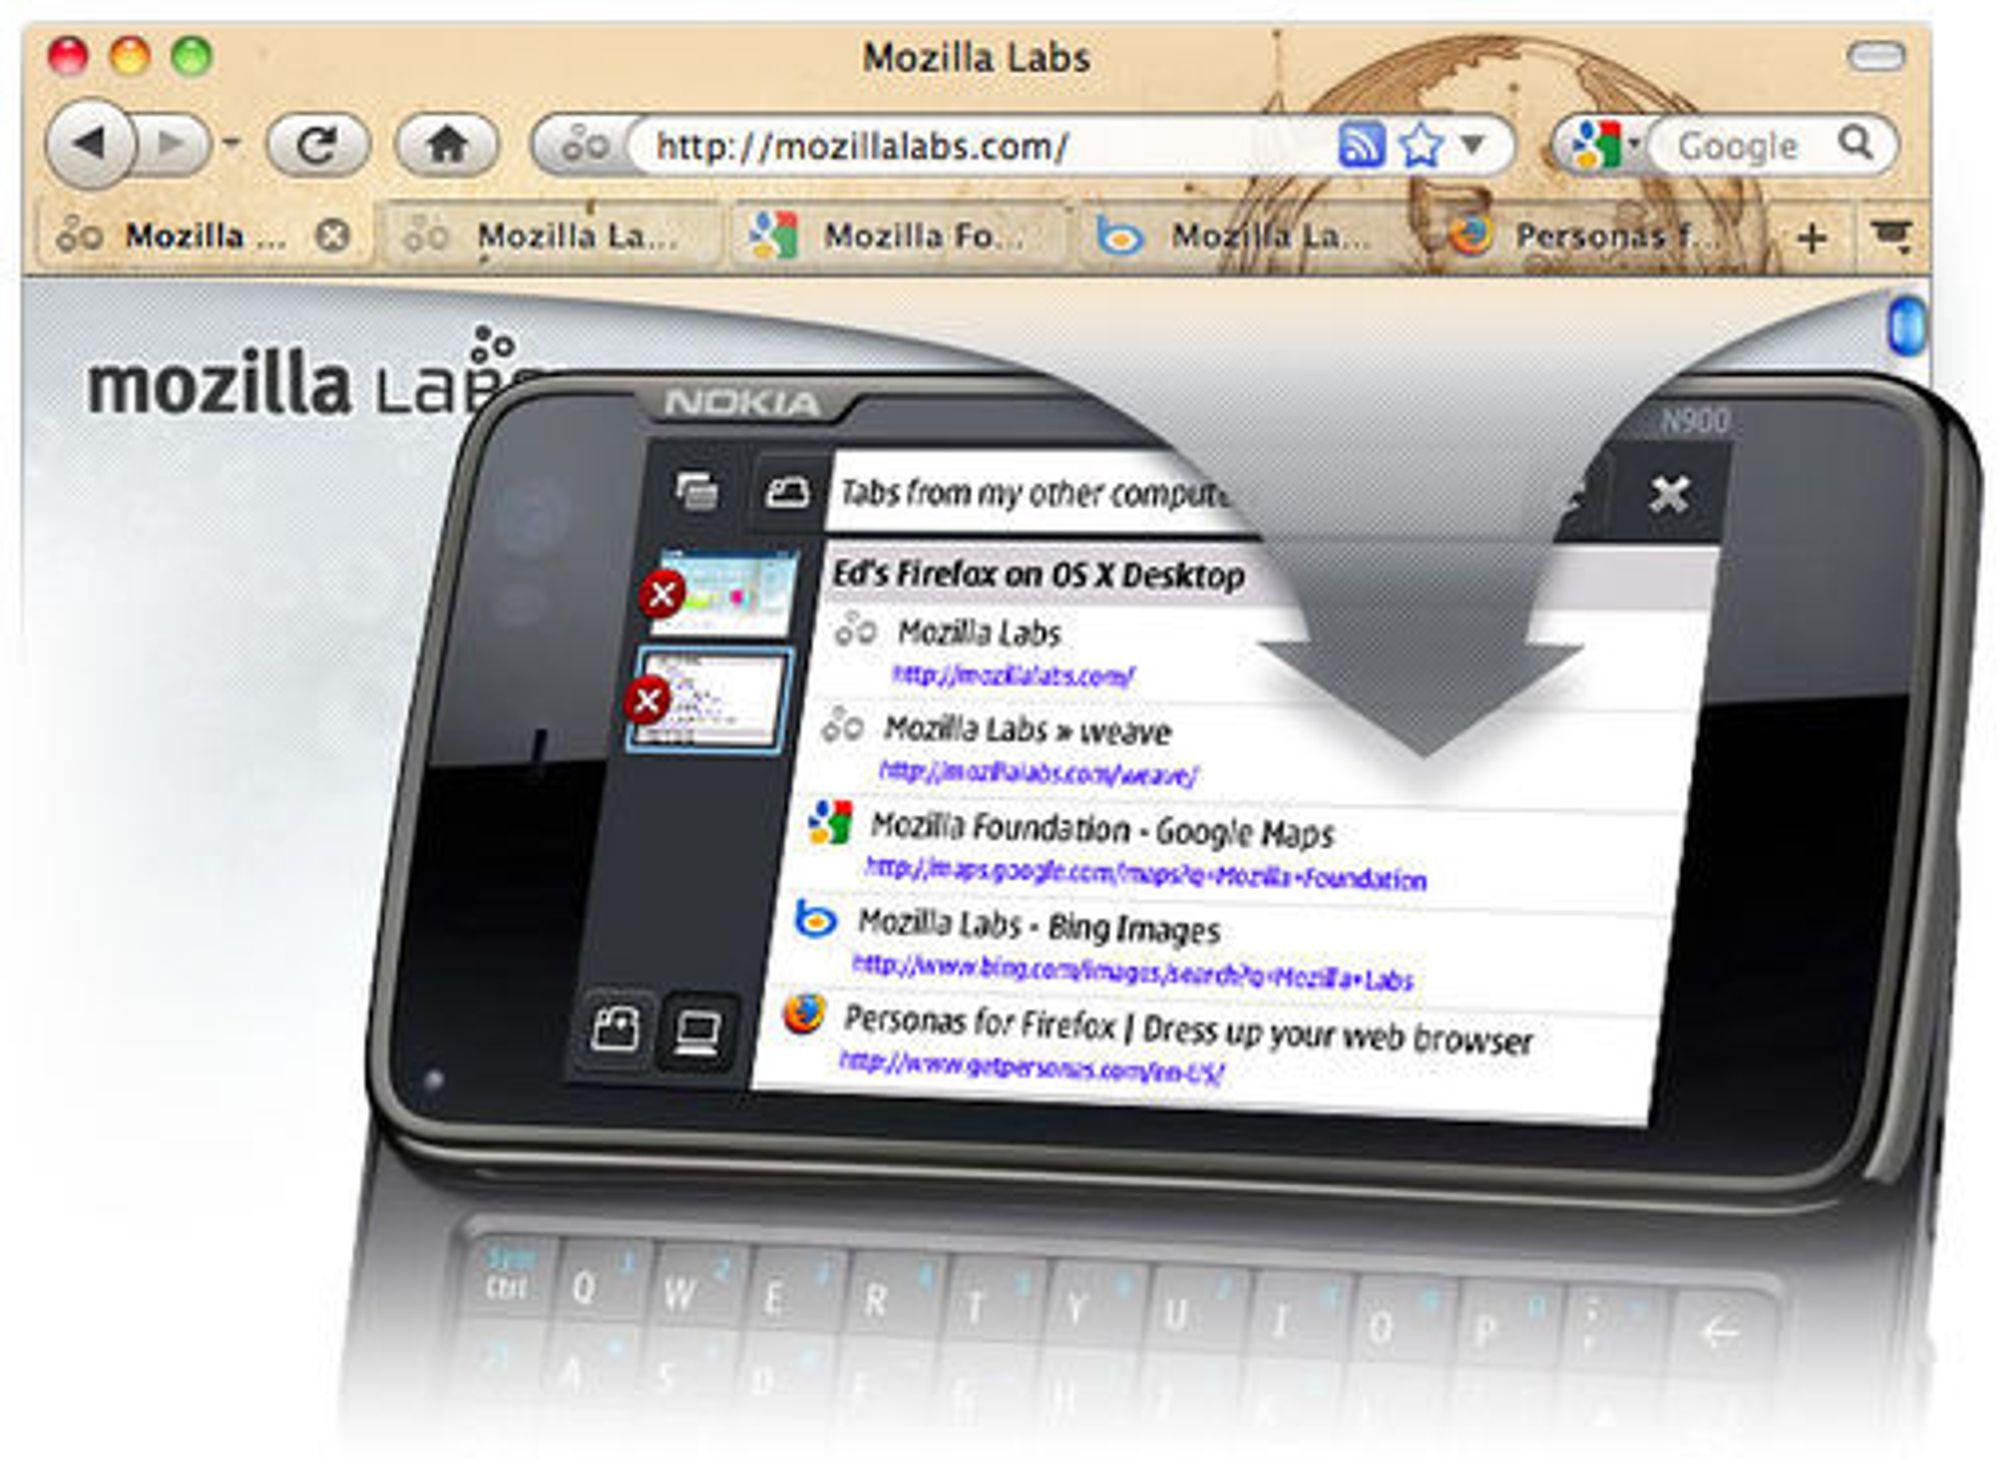 Weave gjør det mulig å synkronisere brukerdata mellom Firefox på pc-en og Firefox på mobilen.